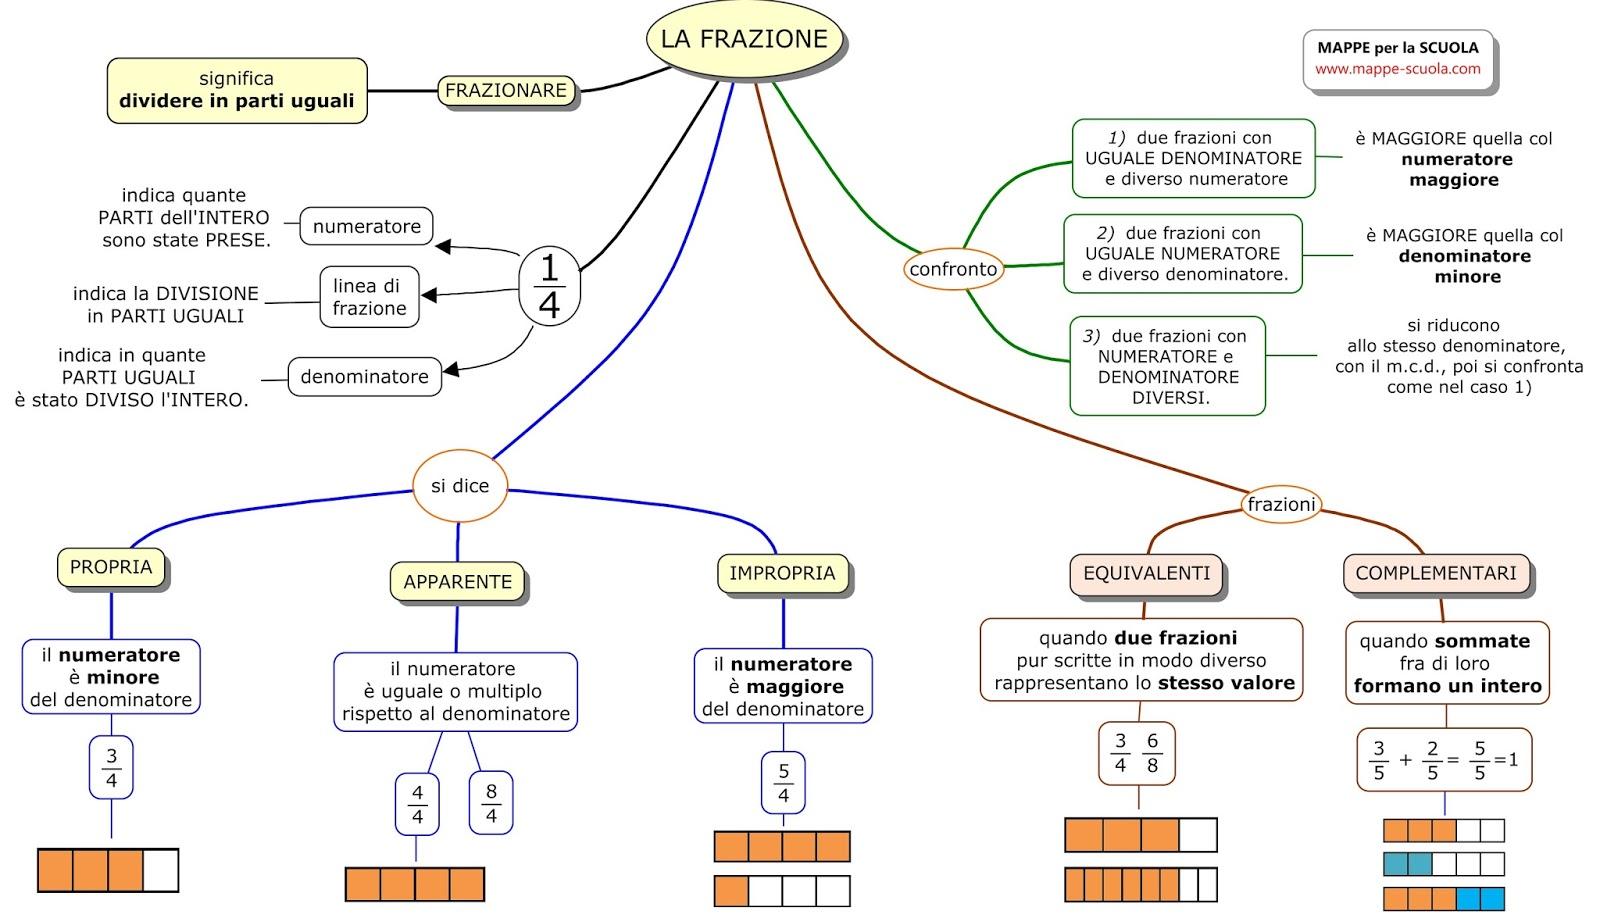 Mappe per la scuola la frazione matematica for 1 piano piano di storia